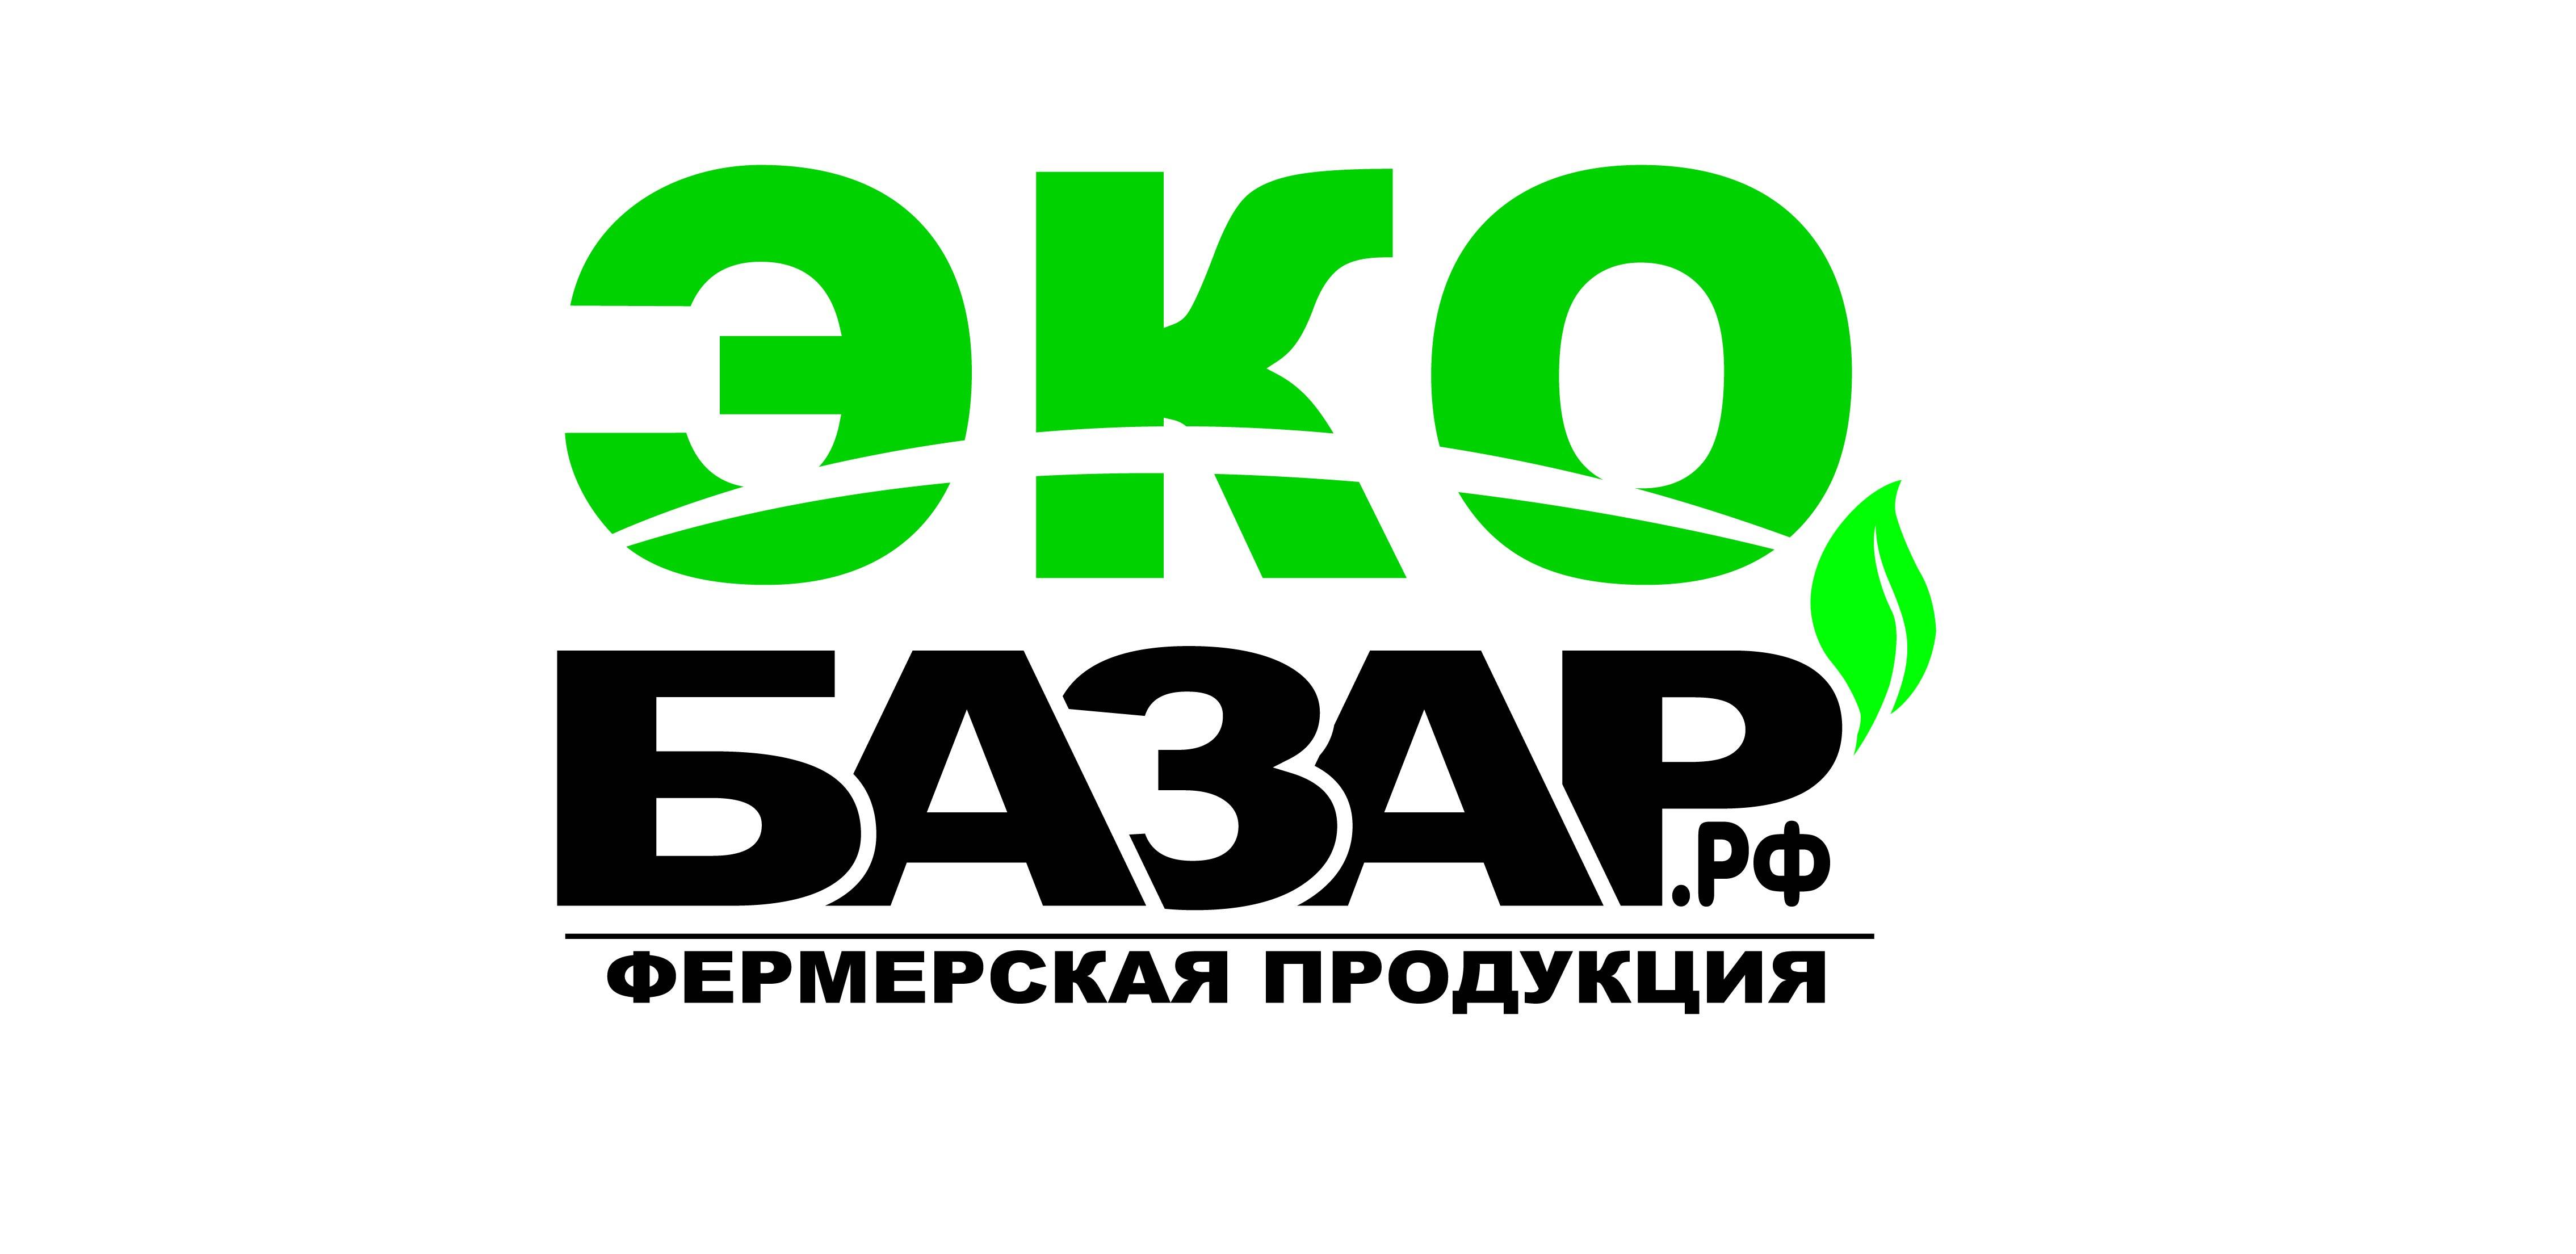 Логотип компании натуральных (фермерских) продуктов фото f_1785941679ca76eb.jpg